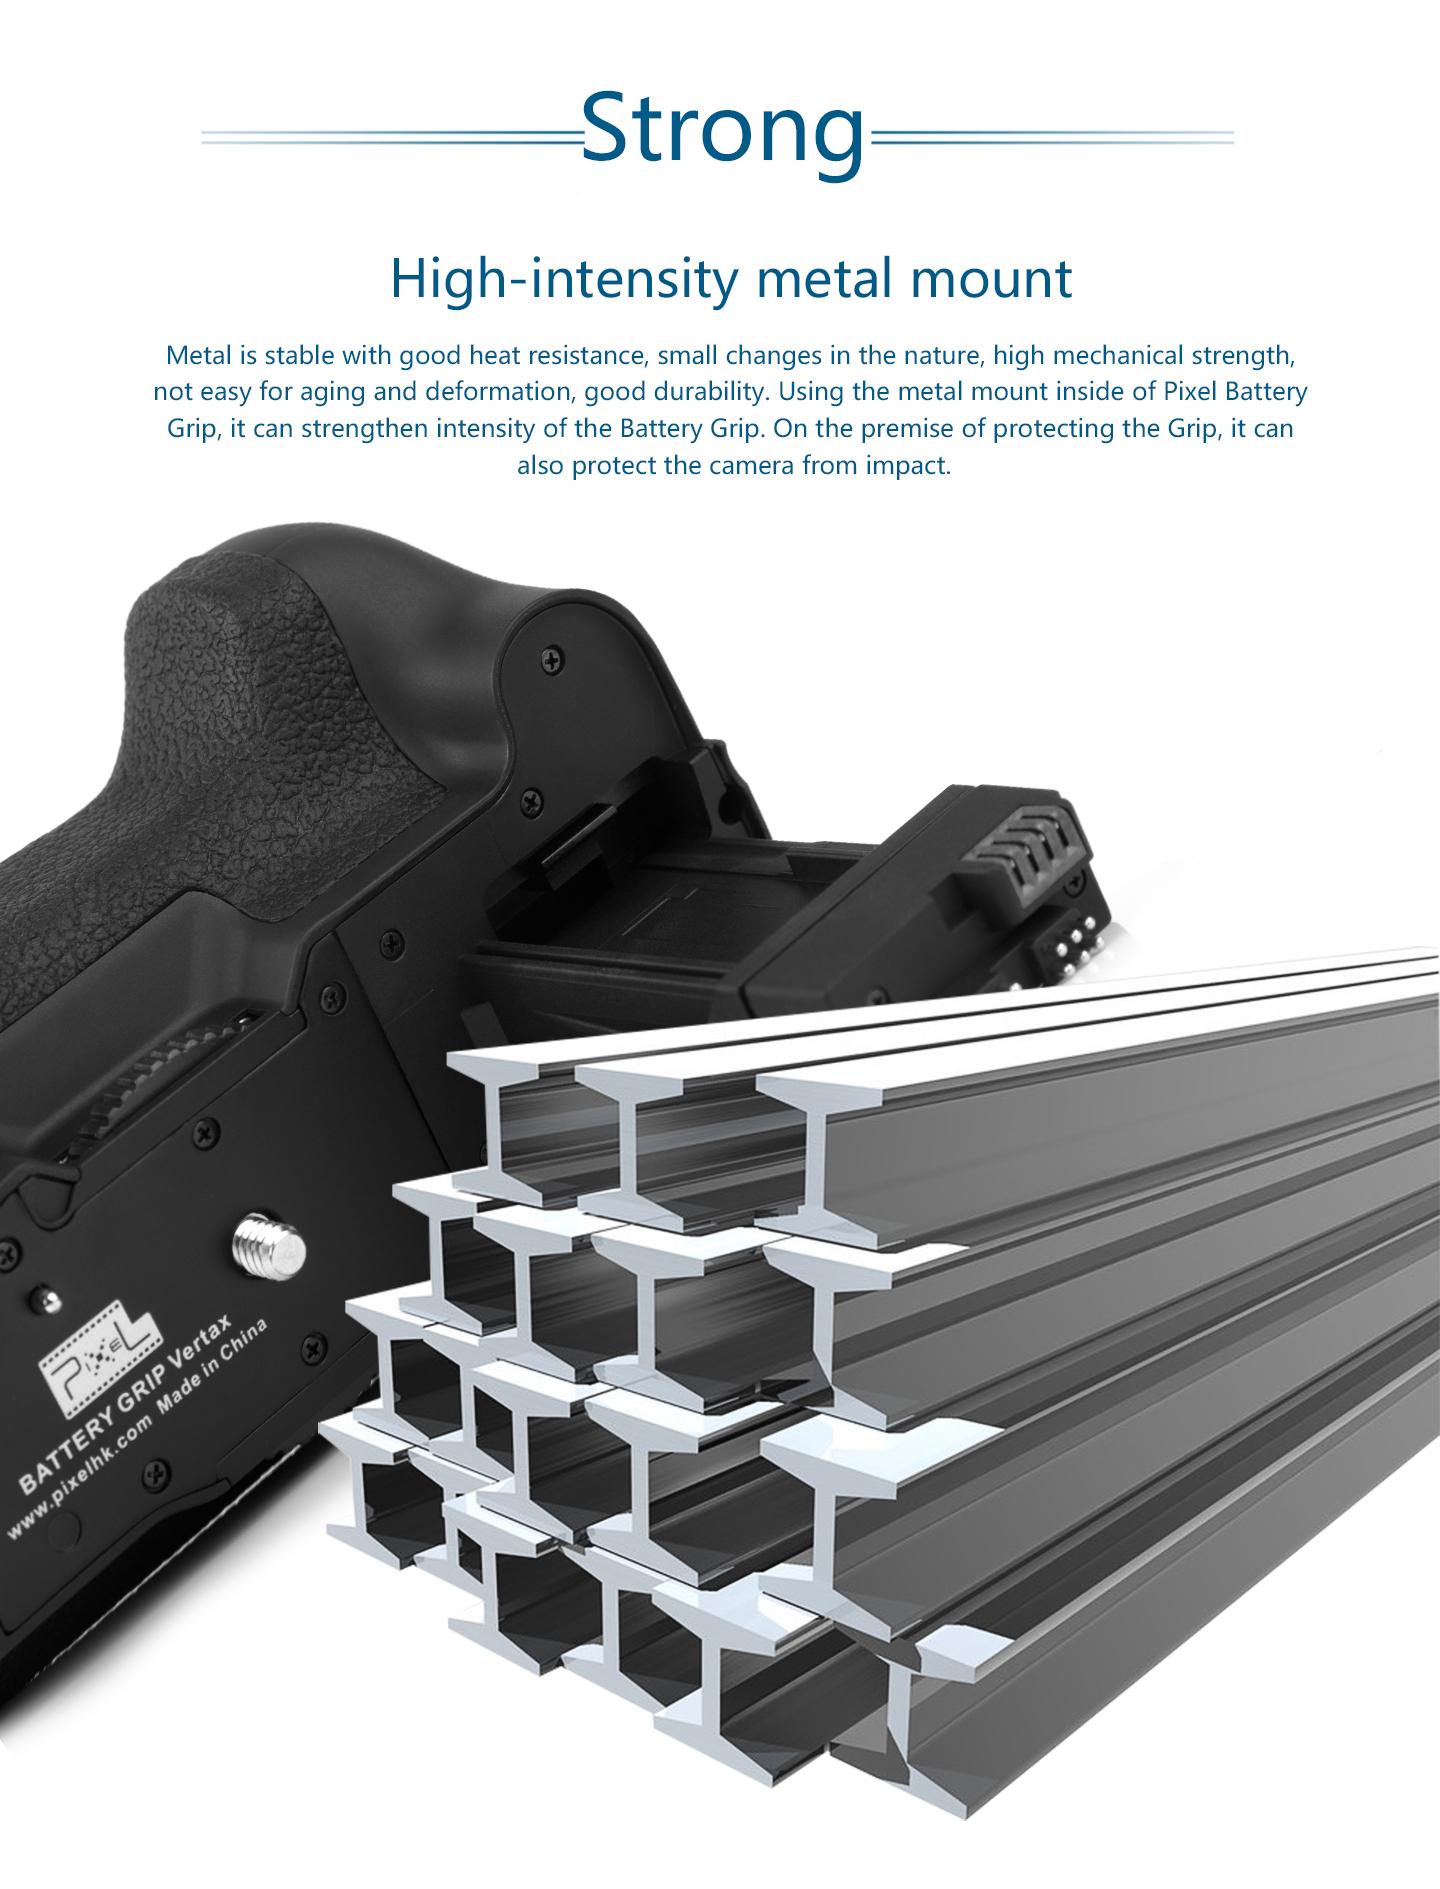 High-intensity metal mount